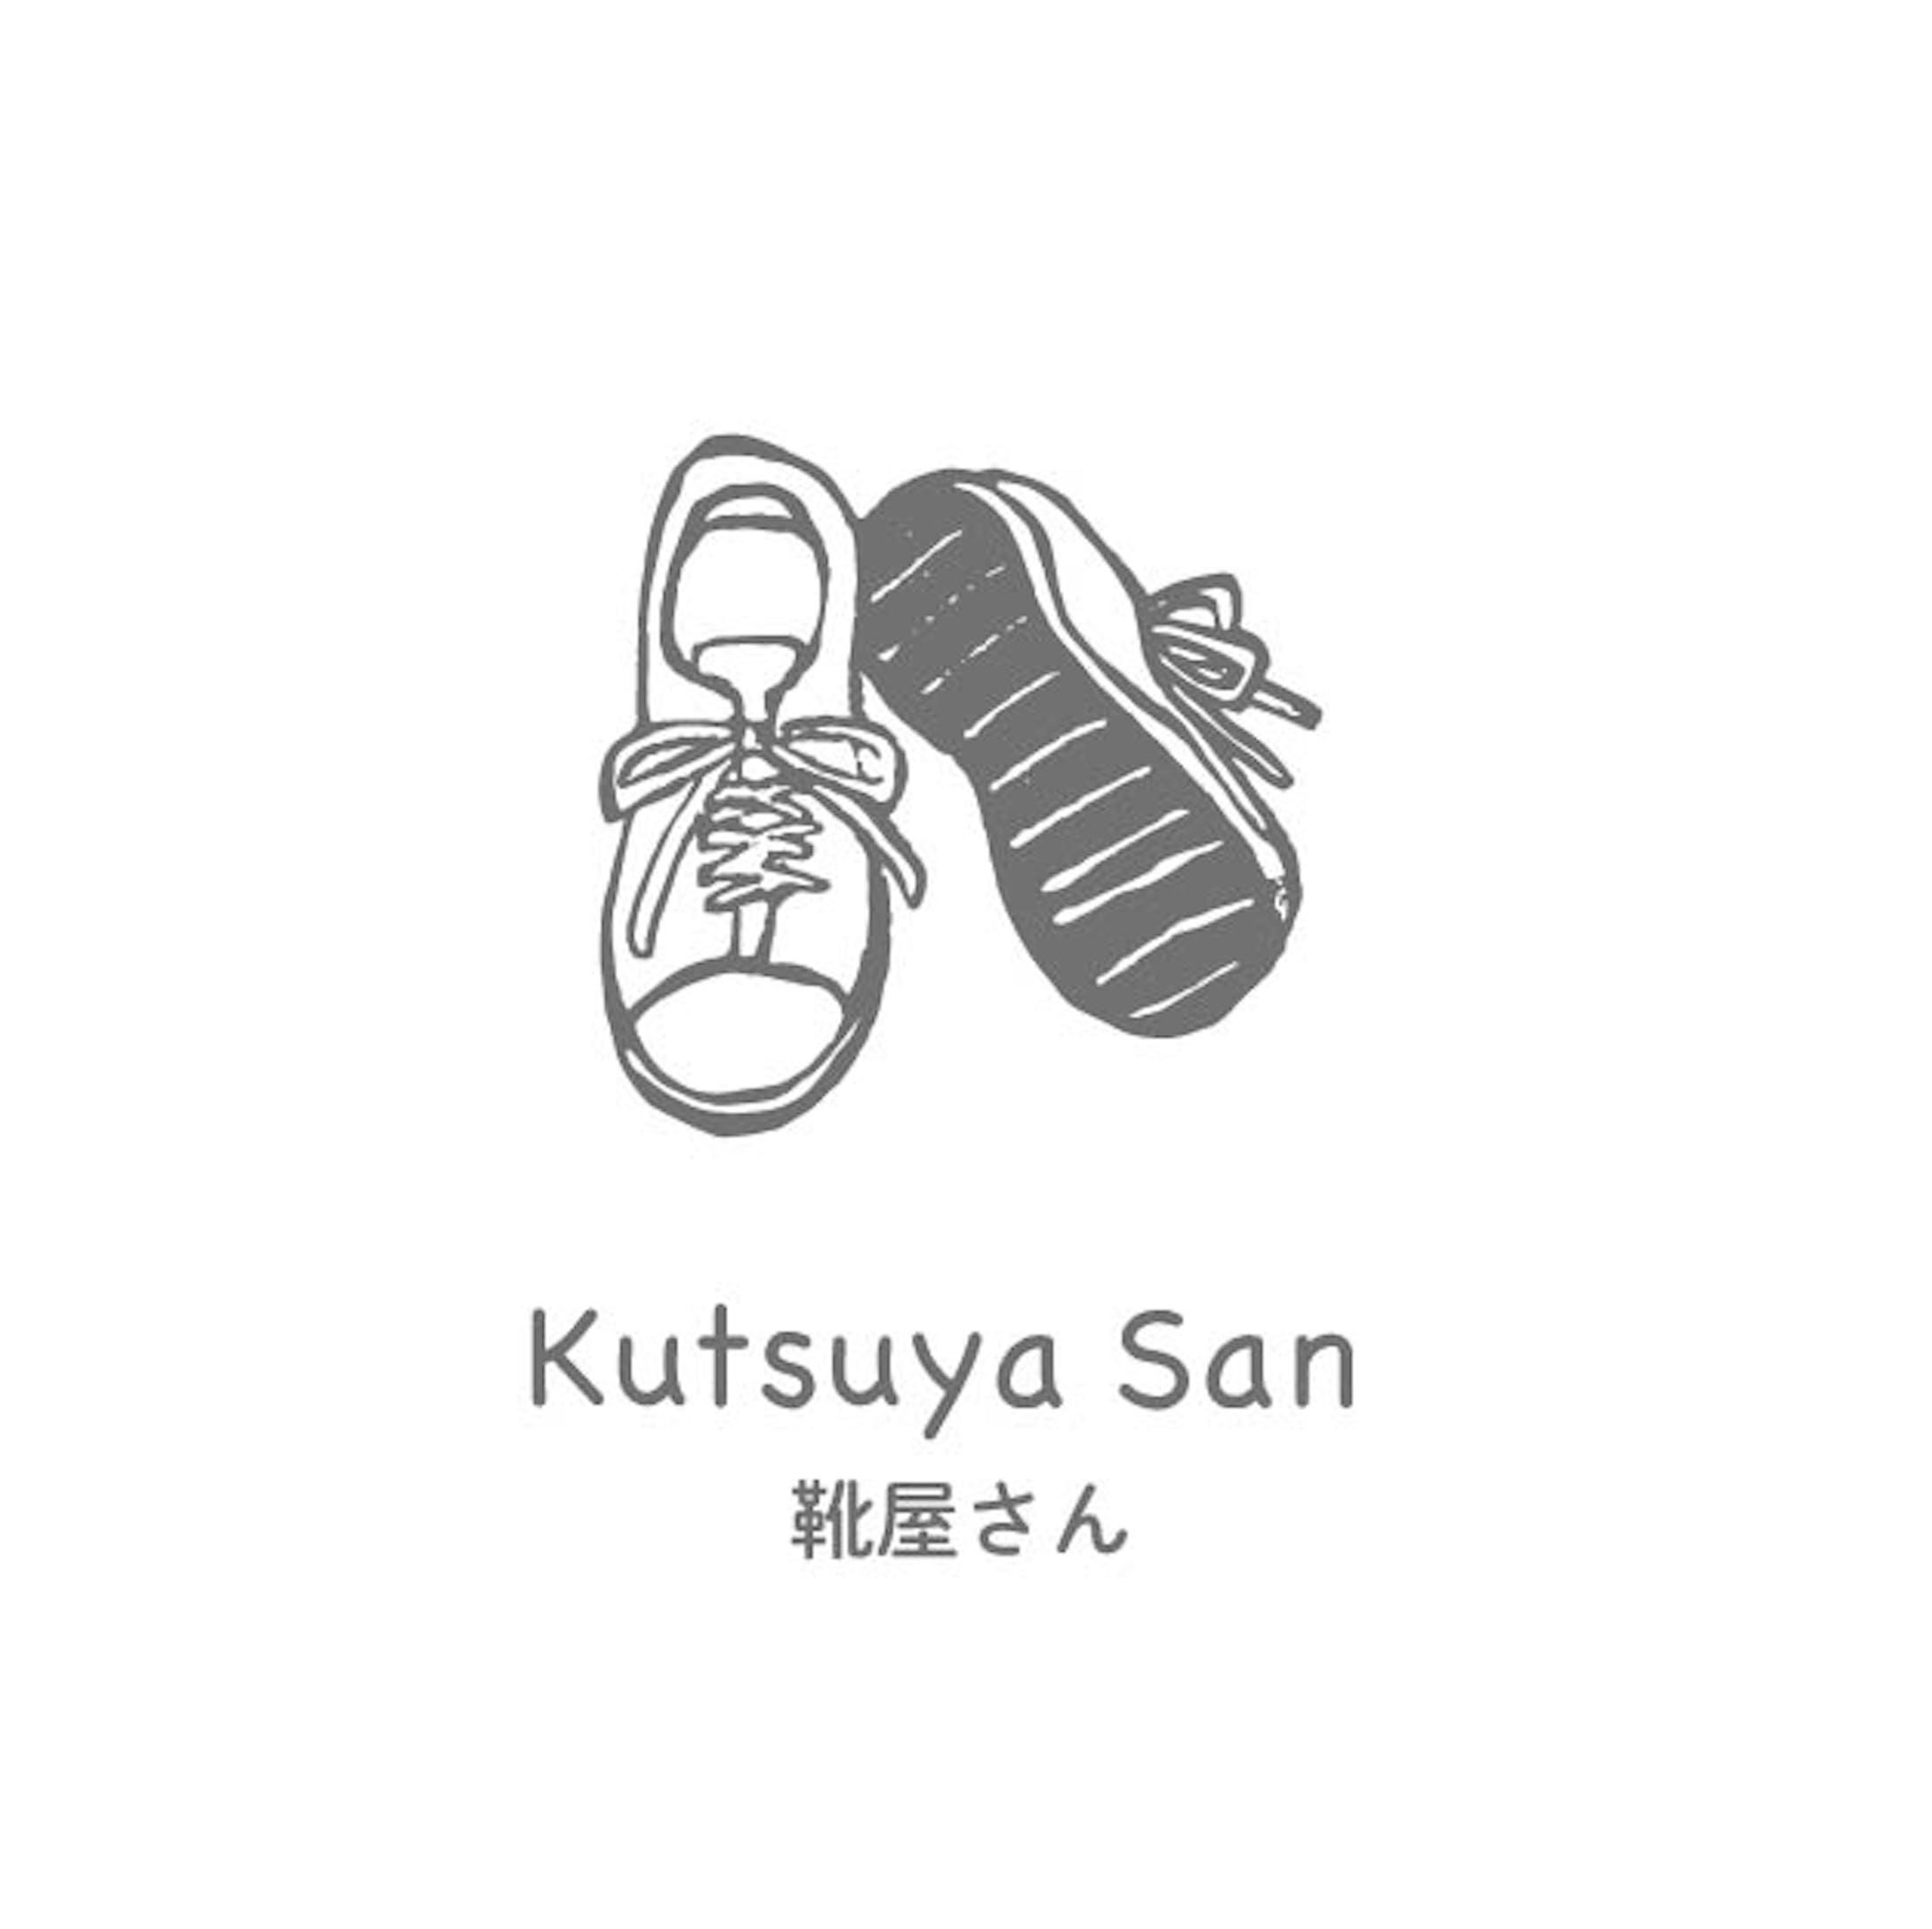 【デザイン/イラスト】靴屋のショップカード-2